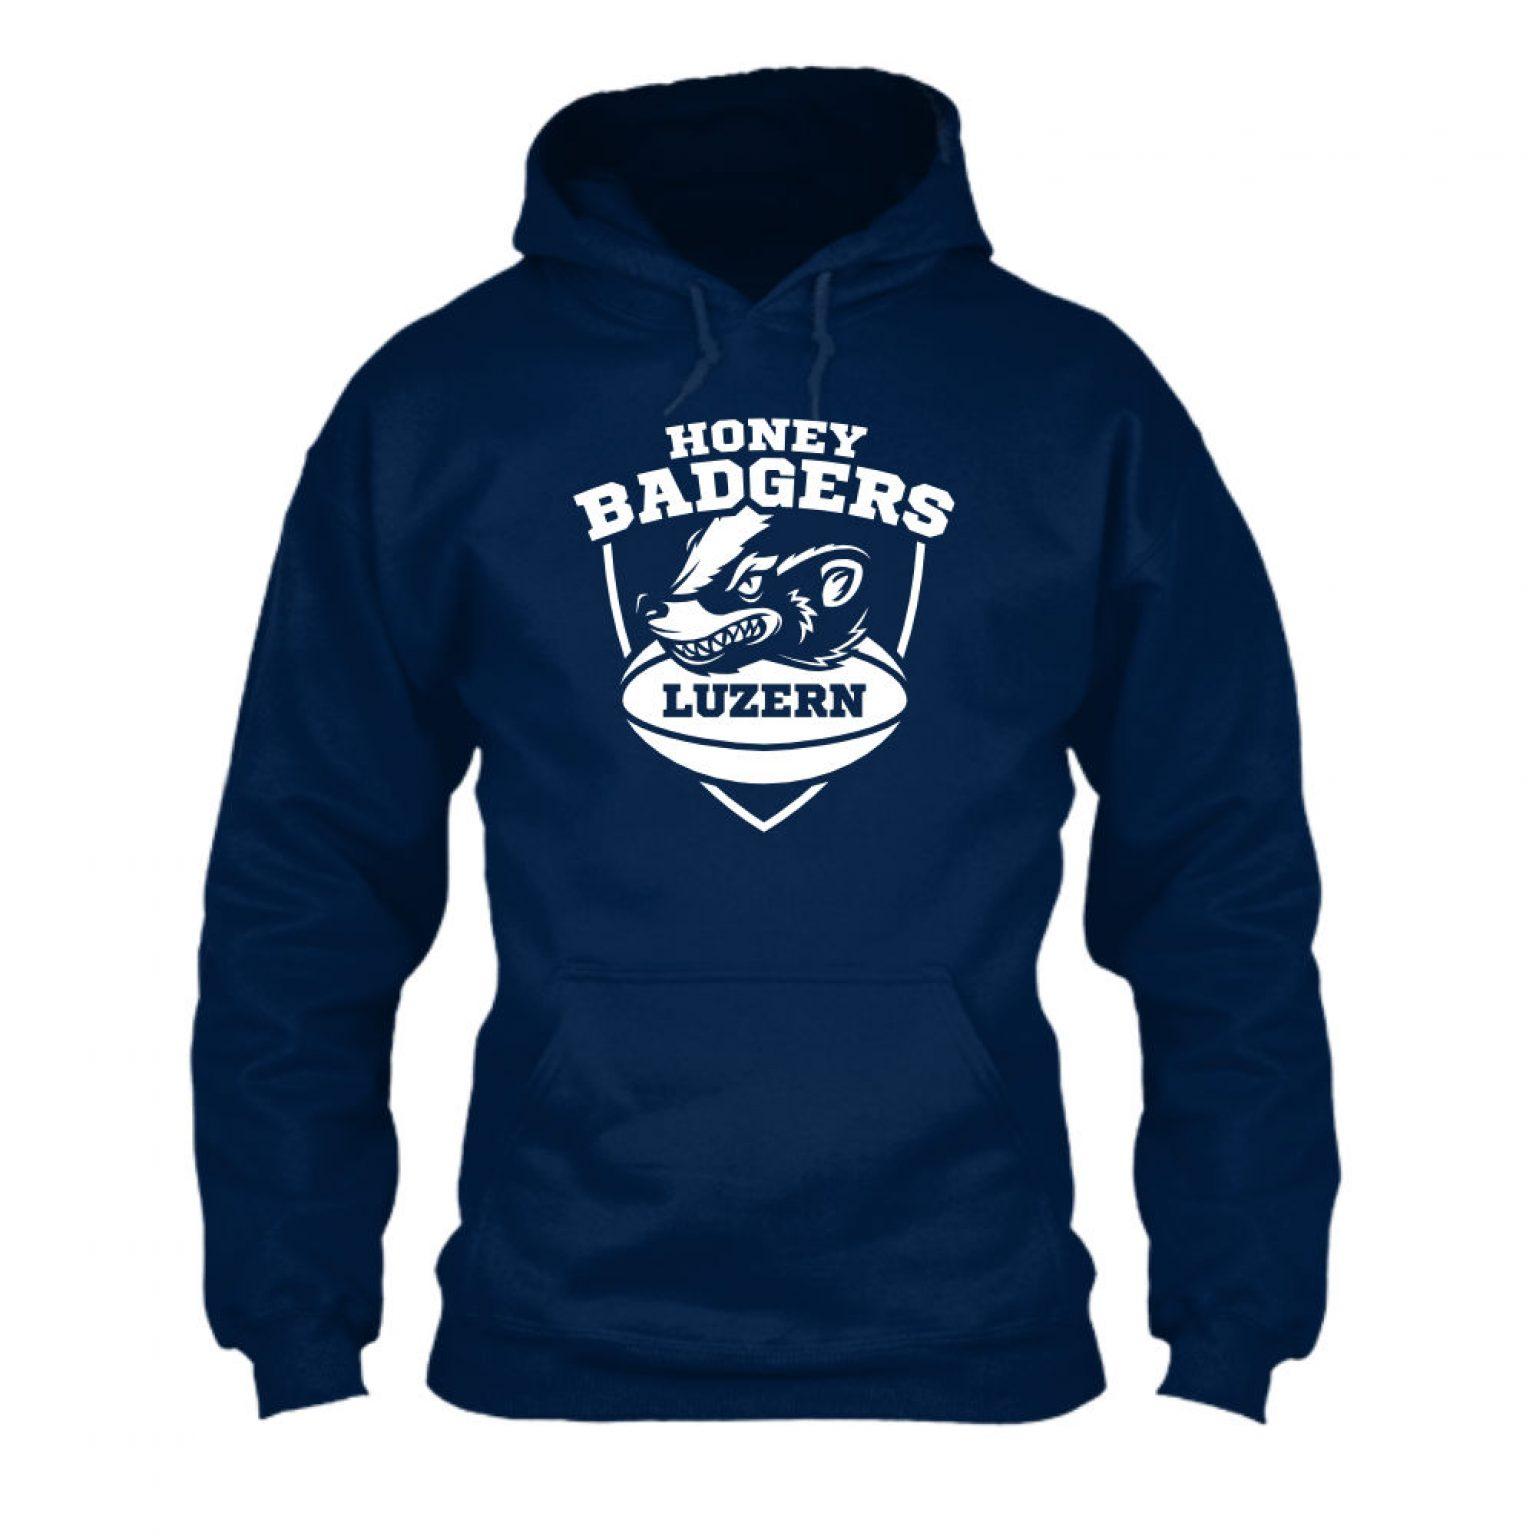 honeybadgers hoodie herren navy